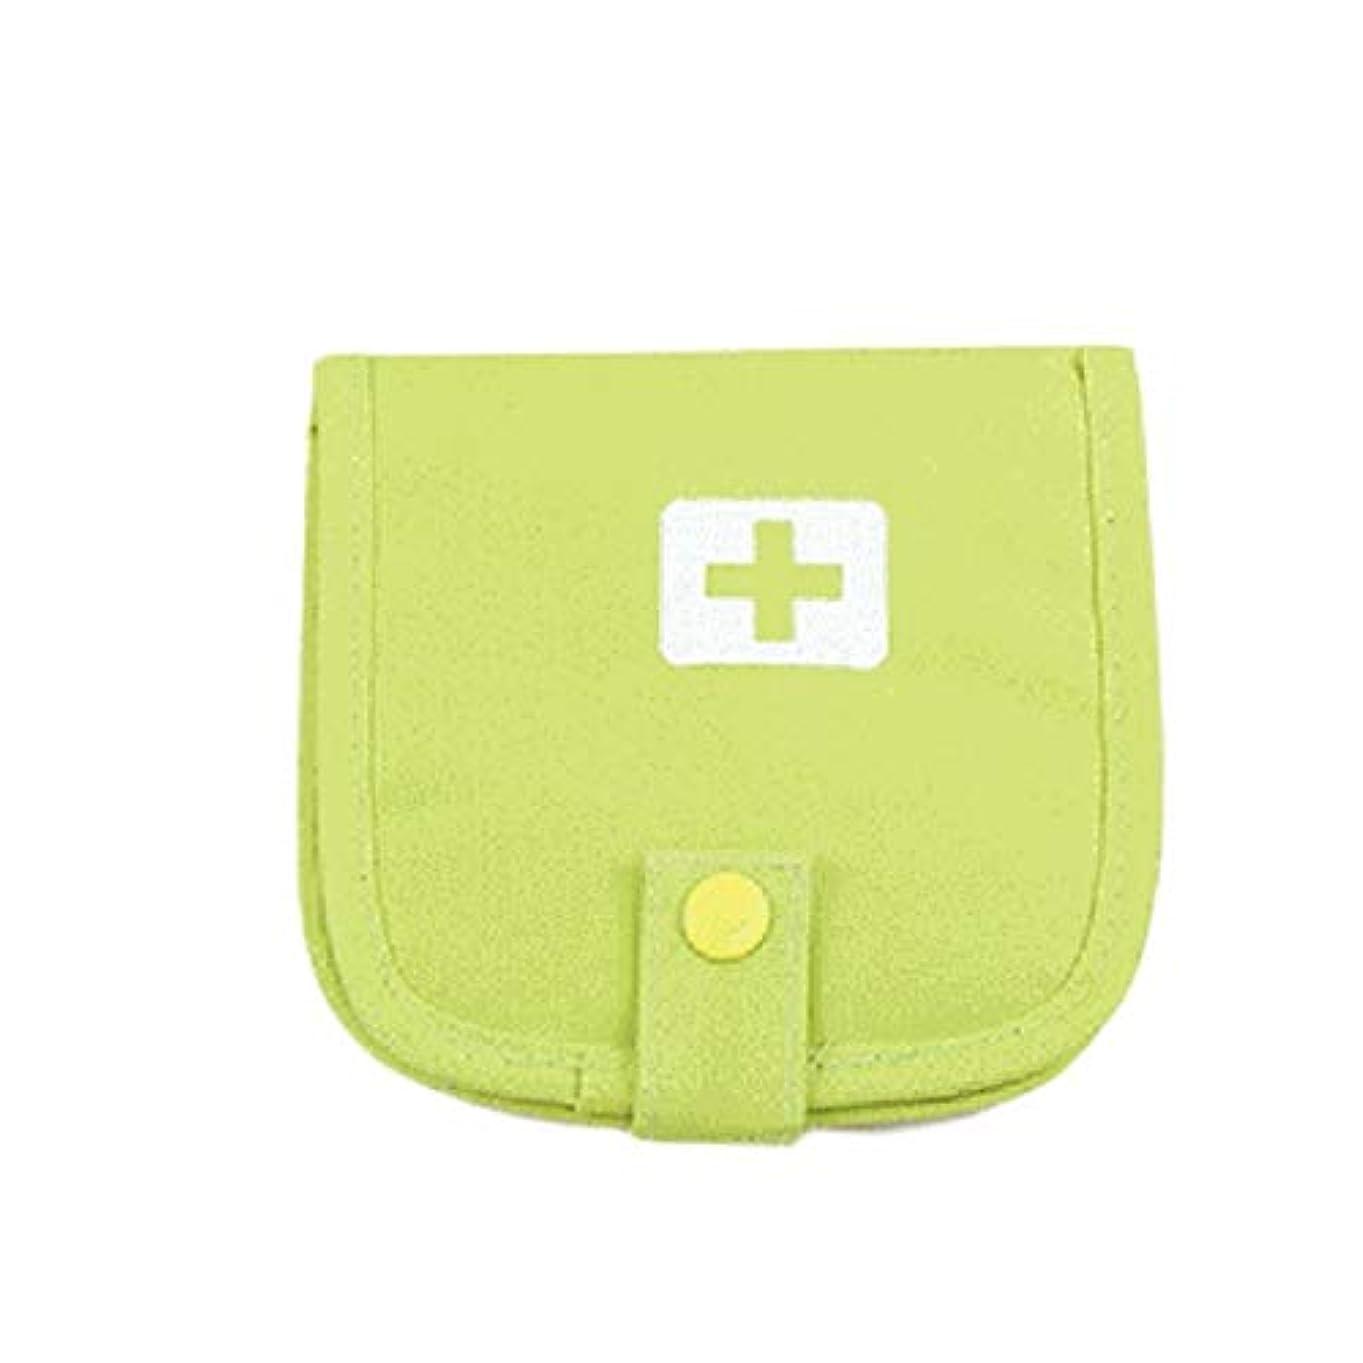 枯れる今日再生可能JJJJD 小さい薬袋の屋外の旅行のための医学の貯蔵袋の折り畳み式の携帯用薬の袋 (Color : Grass Green)